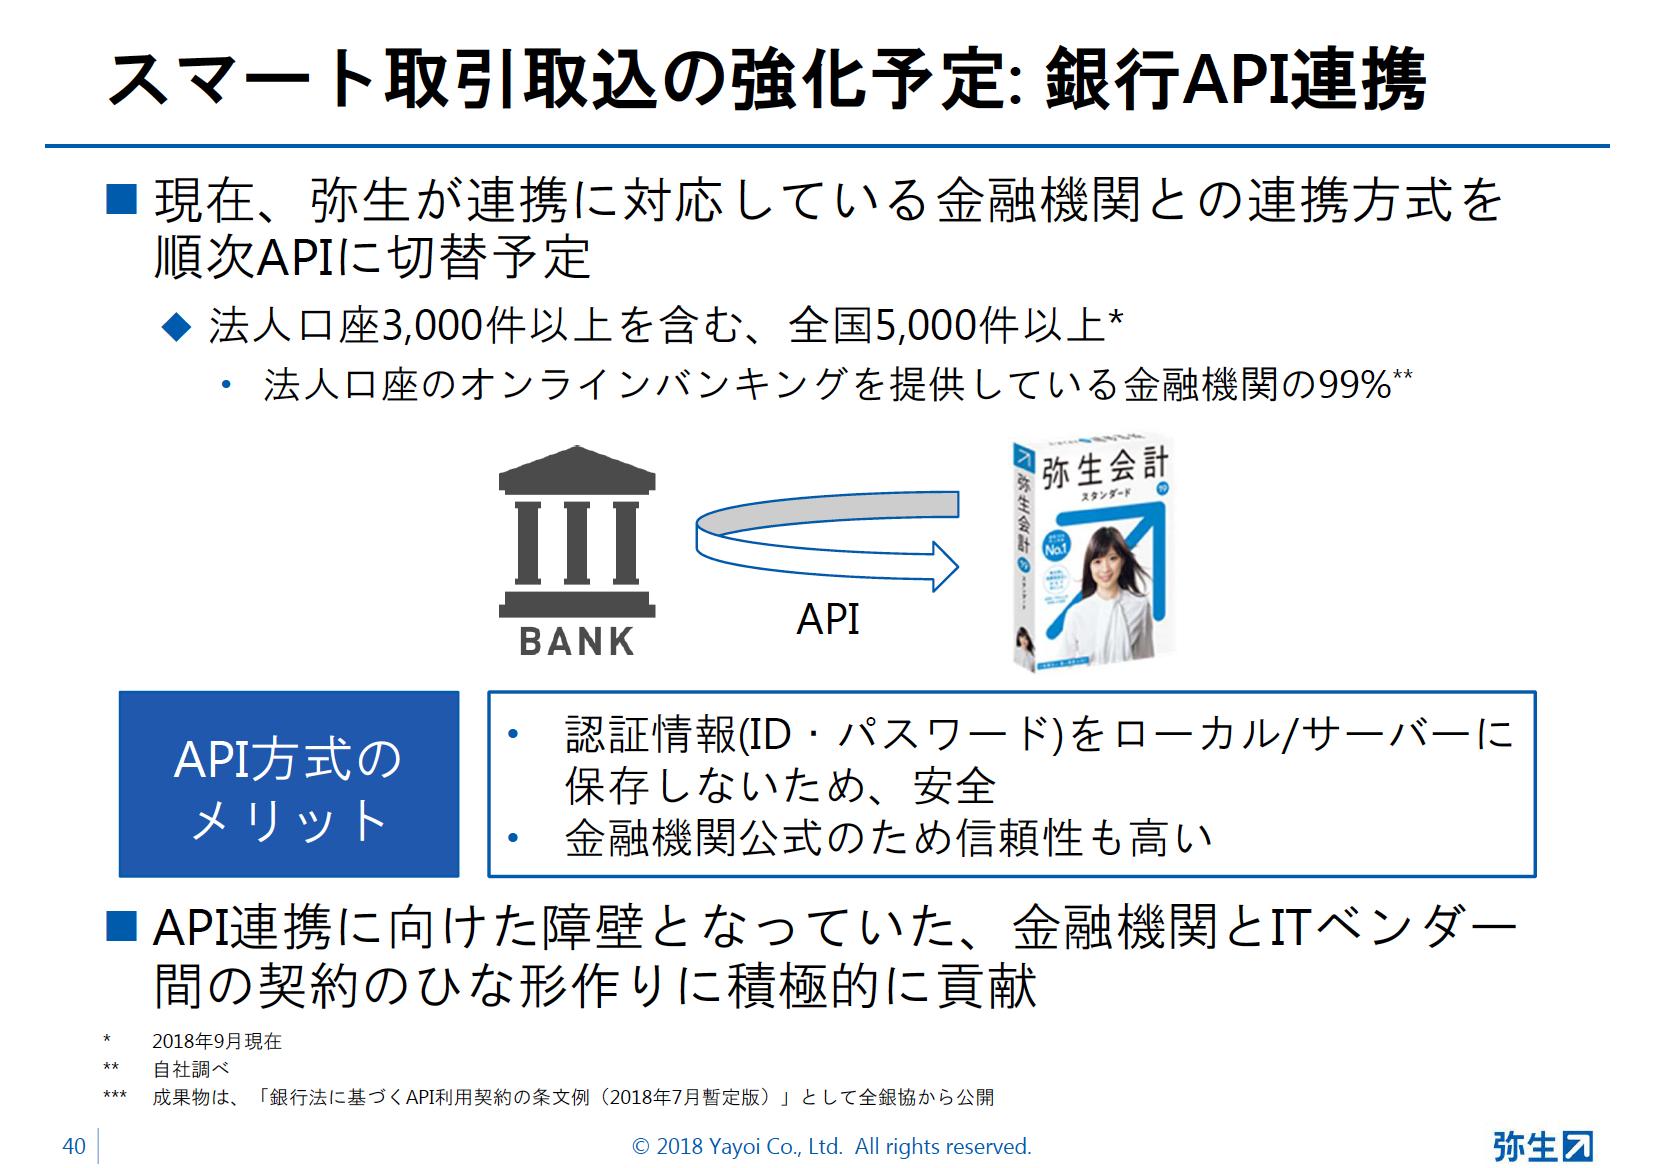 弥生19シリーズ新製品発表会スライド